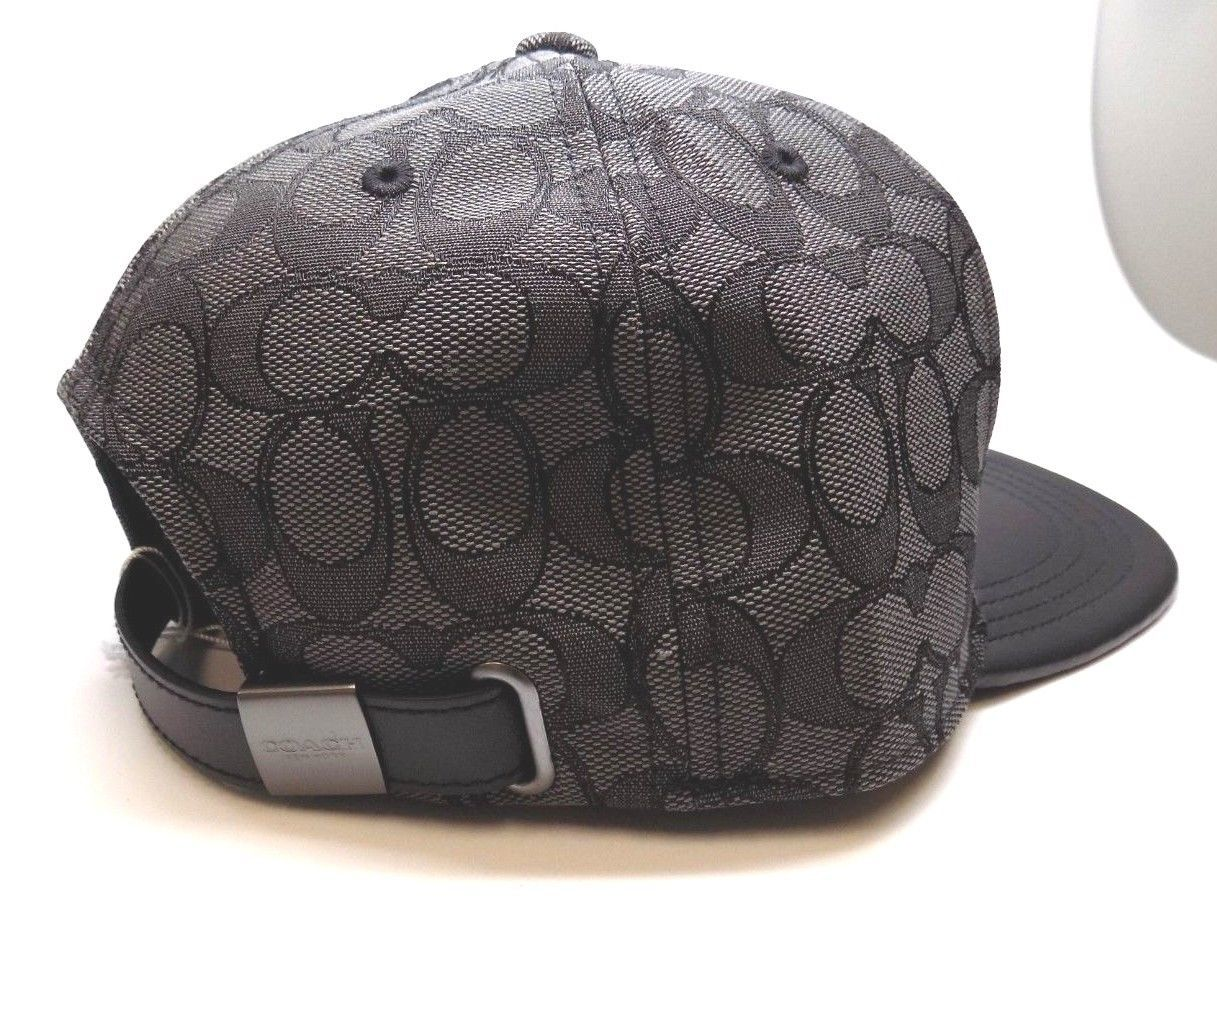 BRAND NEW MEN S COACH (F33776) FLAT BRIM SIGNATURE BLACK ADJUSTABLE HAT CAP 9e64b15c1e41